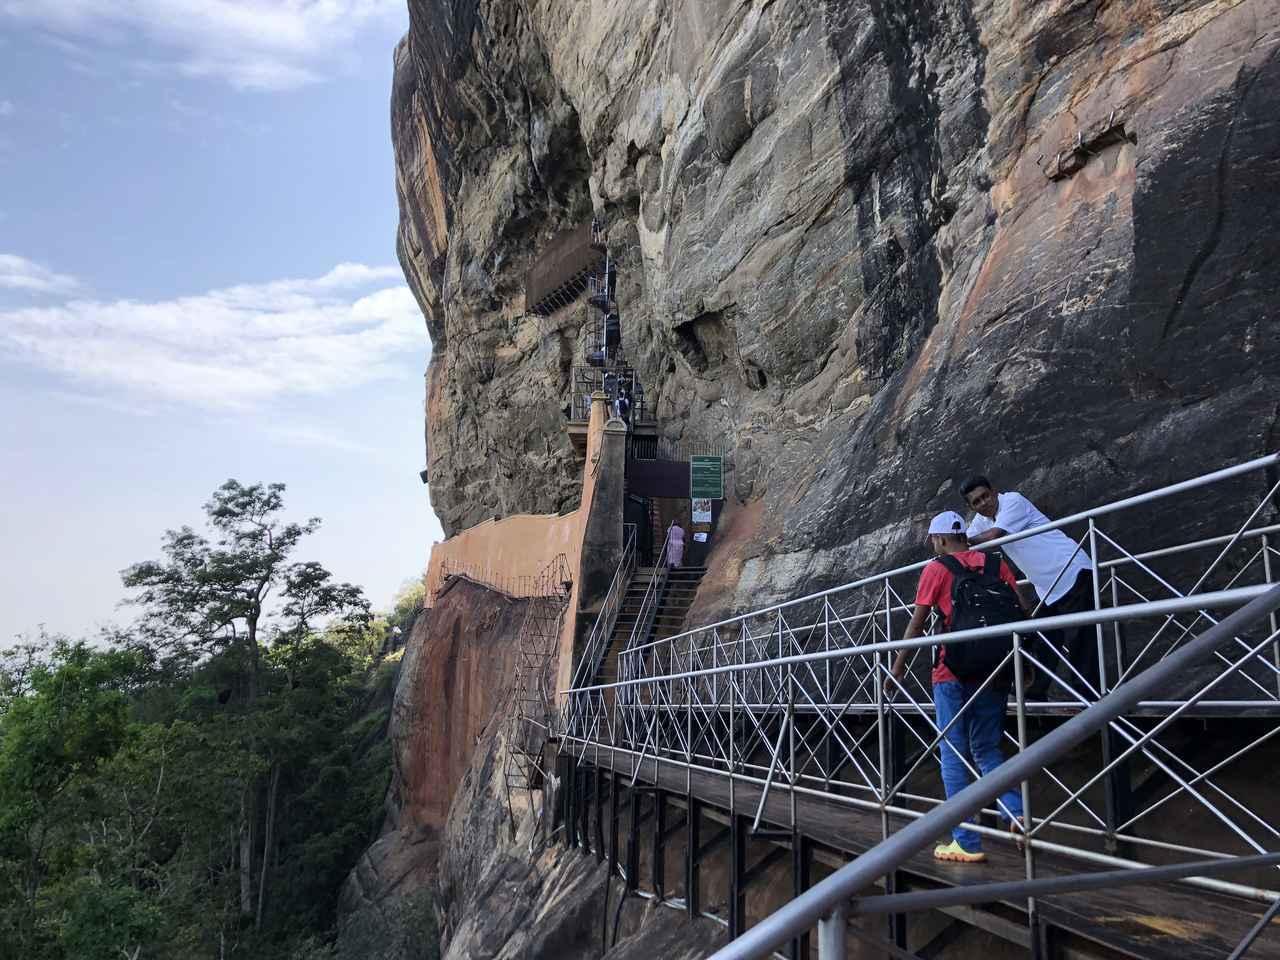 画像: 世界遺産シギリヤ・ロック/頂上までの道のりは一方通行 途中で引き返せませんのでご注意を!(イメージ)